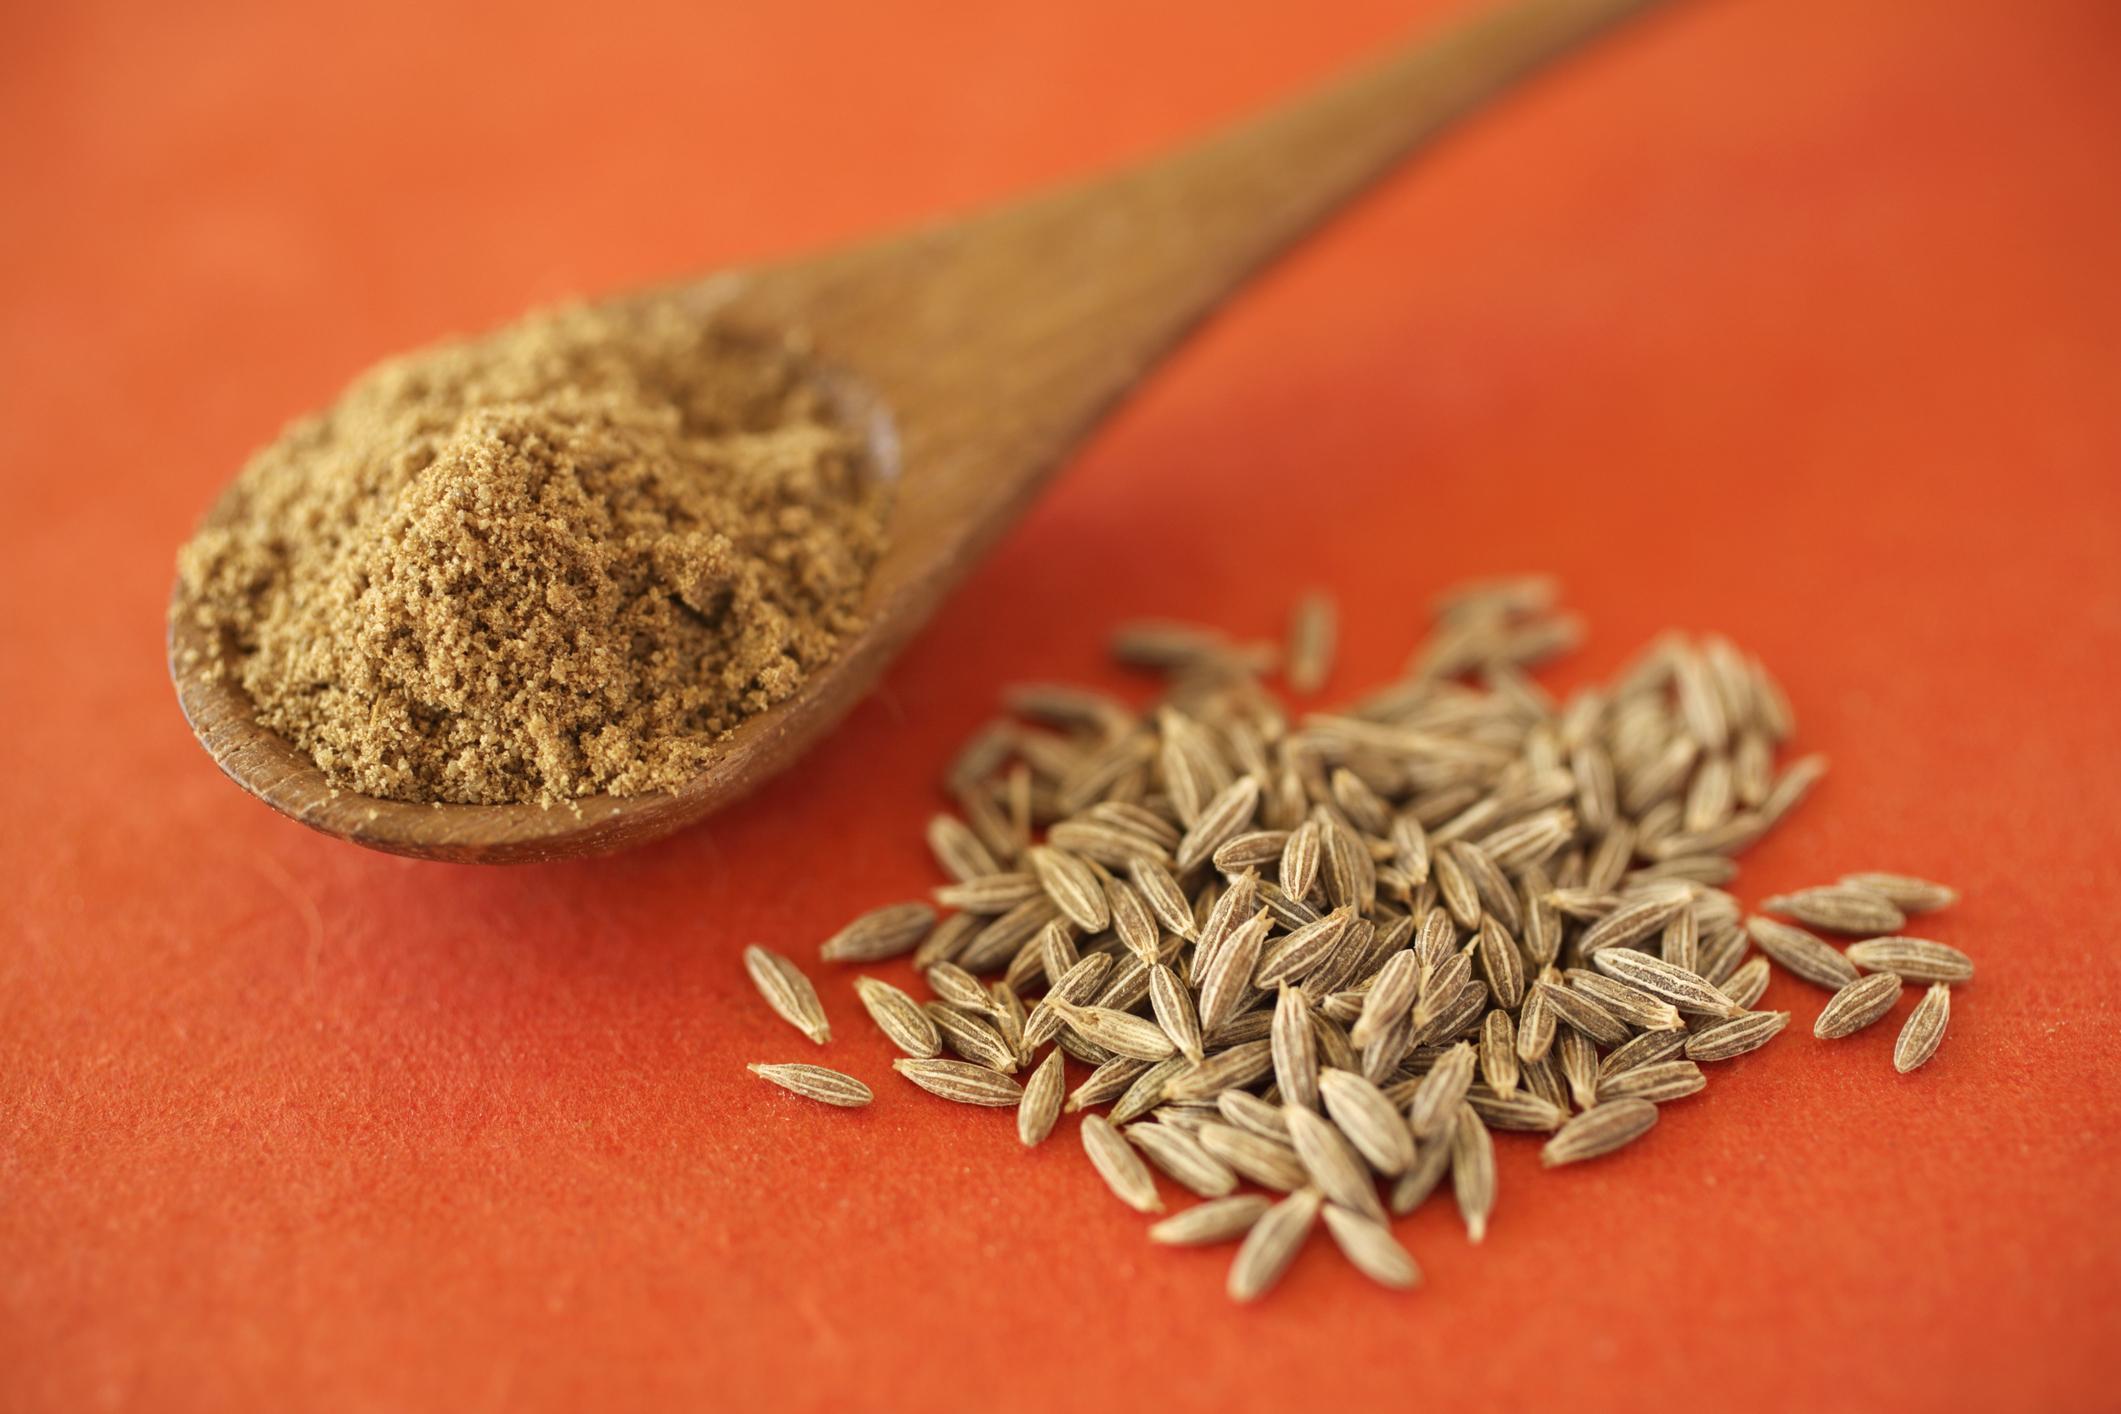 Тмин белый. тмин: польза и лечебные свойства, вред и противопоказания, применение. как используют траву в целях похудения